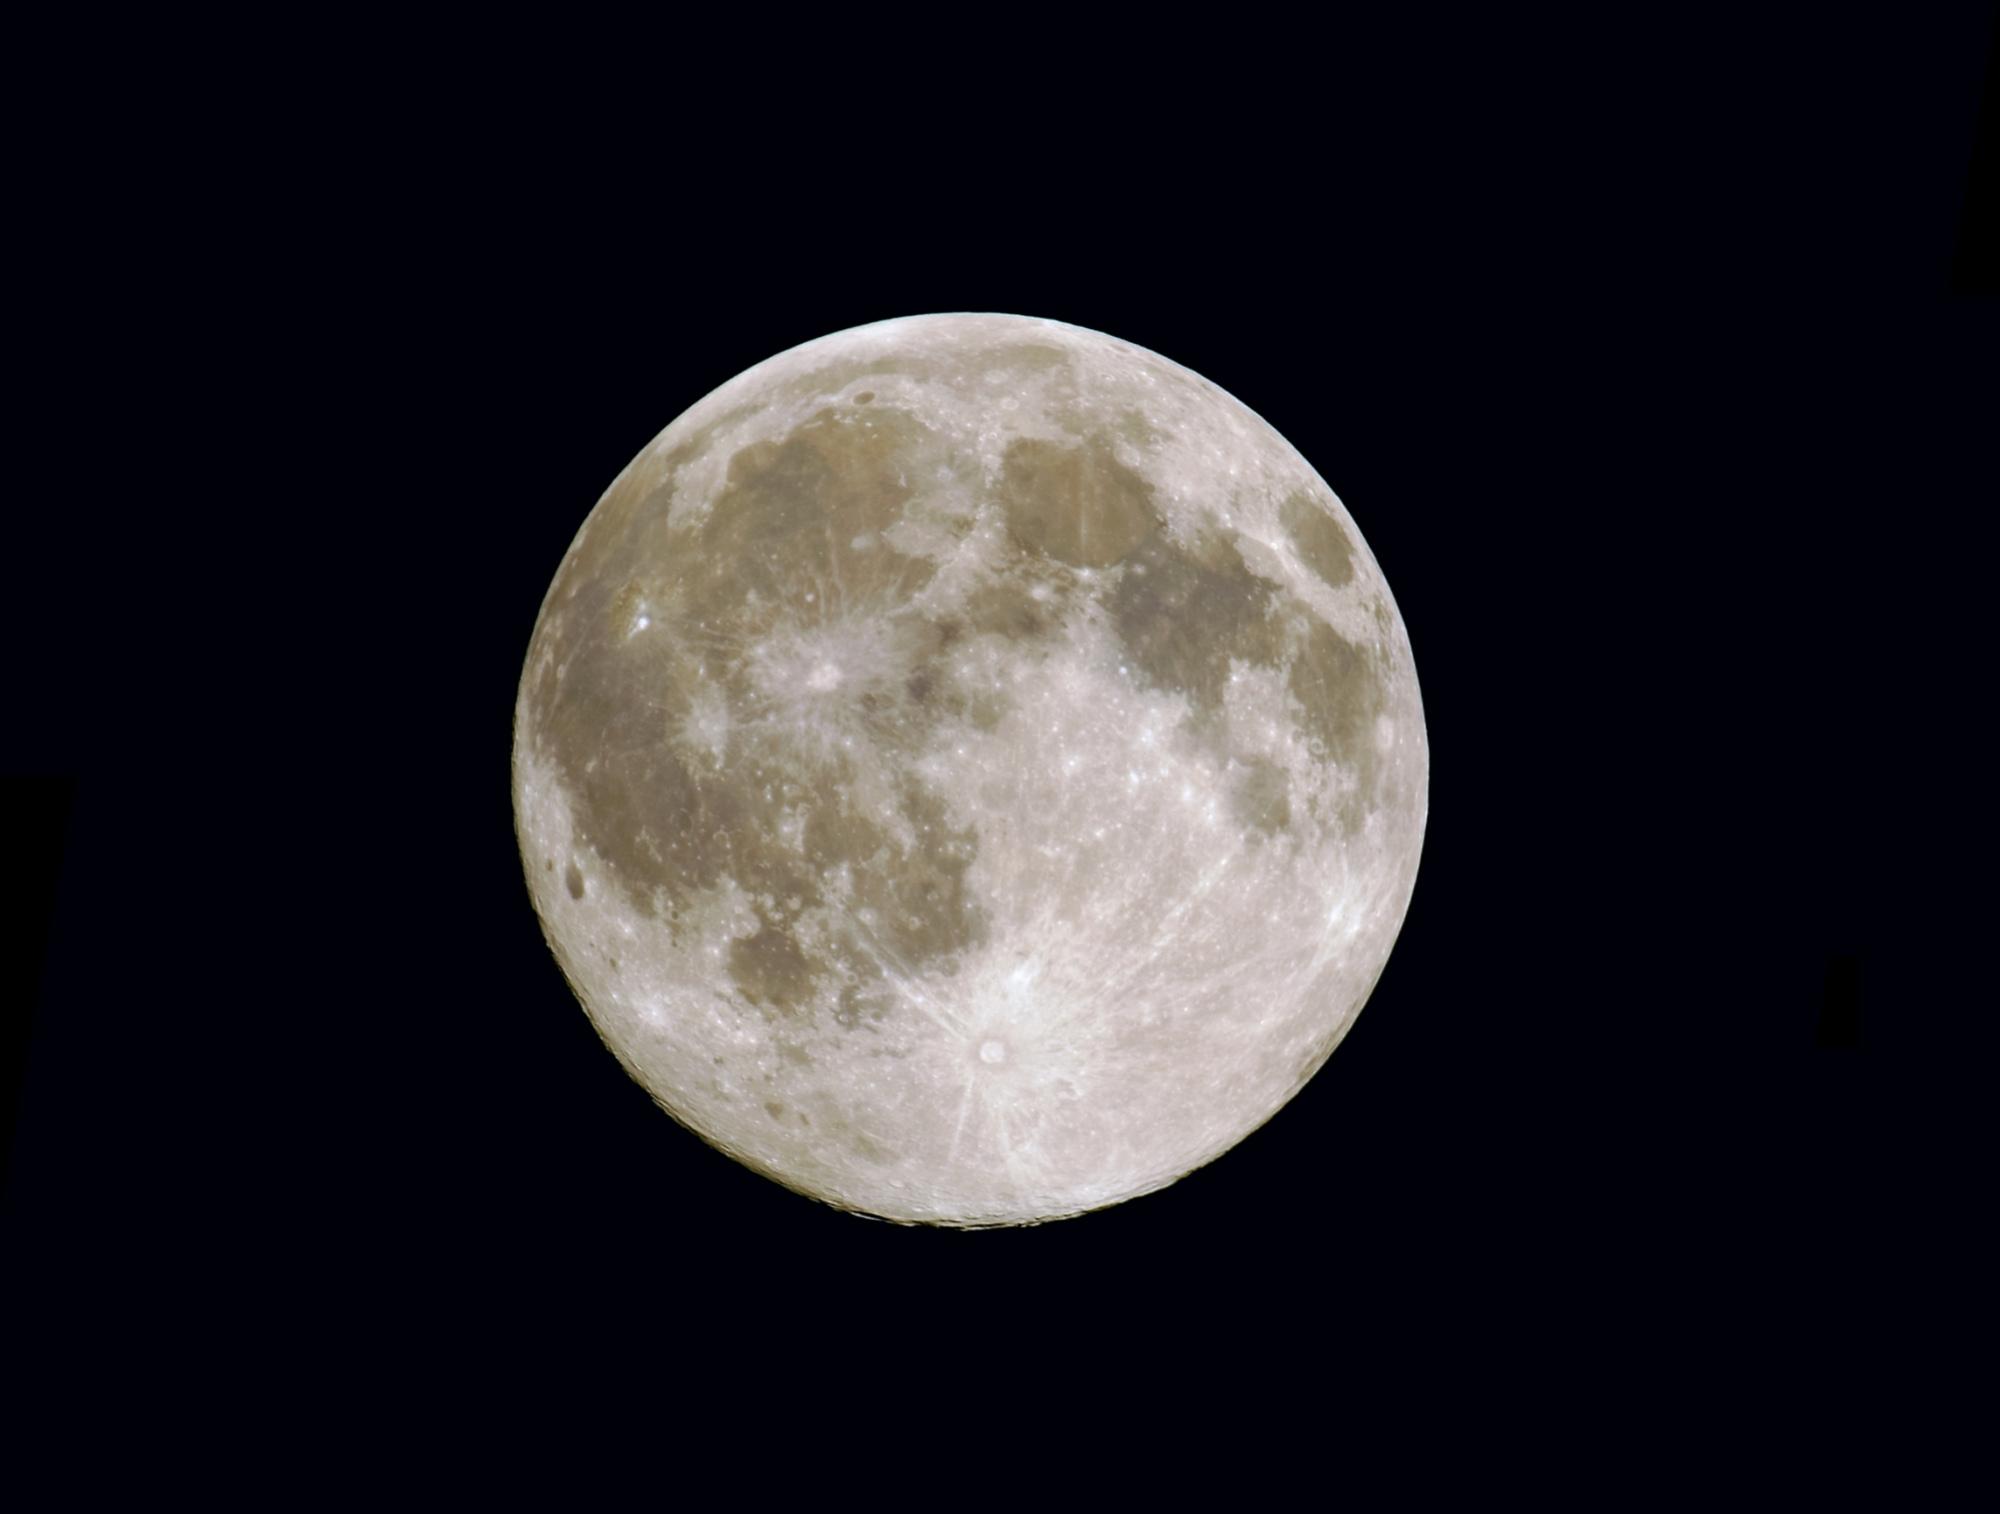 603bda0af3849_lune270221(T600-doubleur-80).thumb.jpg.91133763334e2638a9b4aa2766ebf7dd.jpg